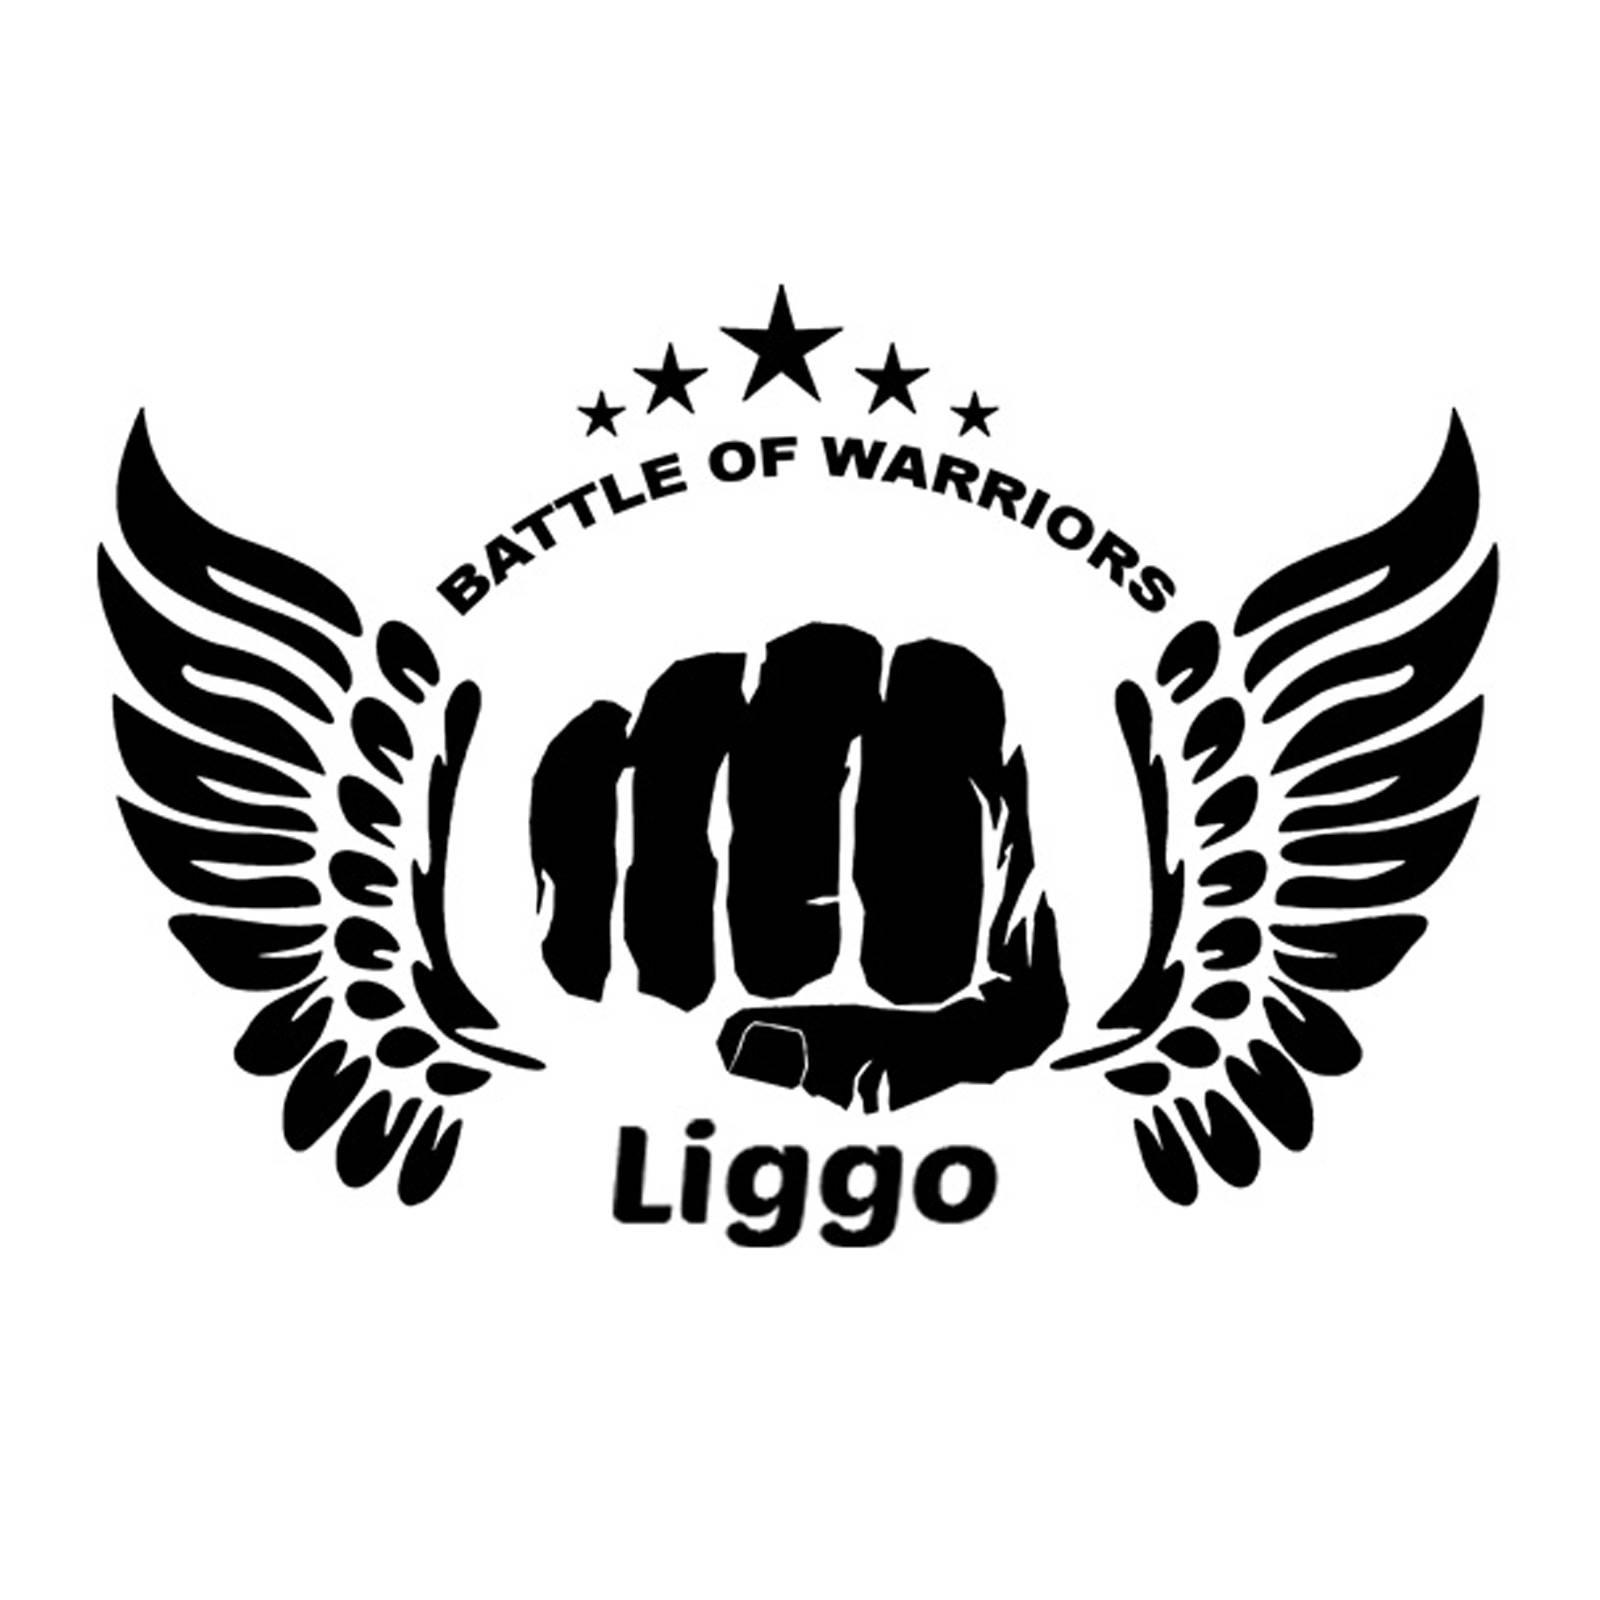 Liggo